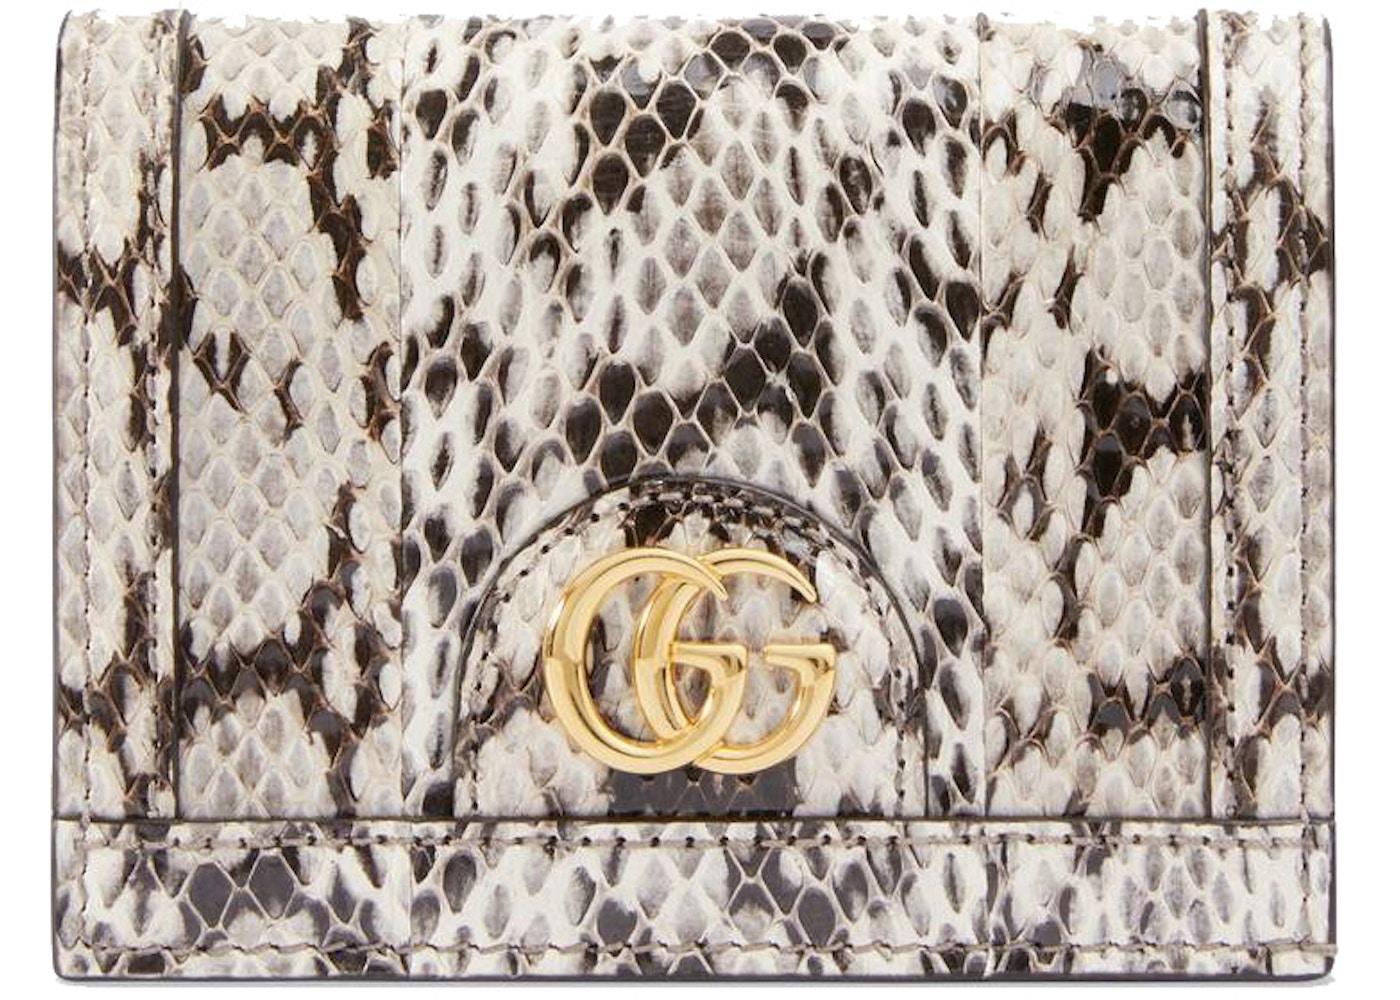 667e61fa97 Gucci Ophidia Card Case Snakeskin Natural